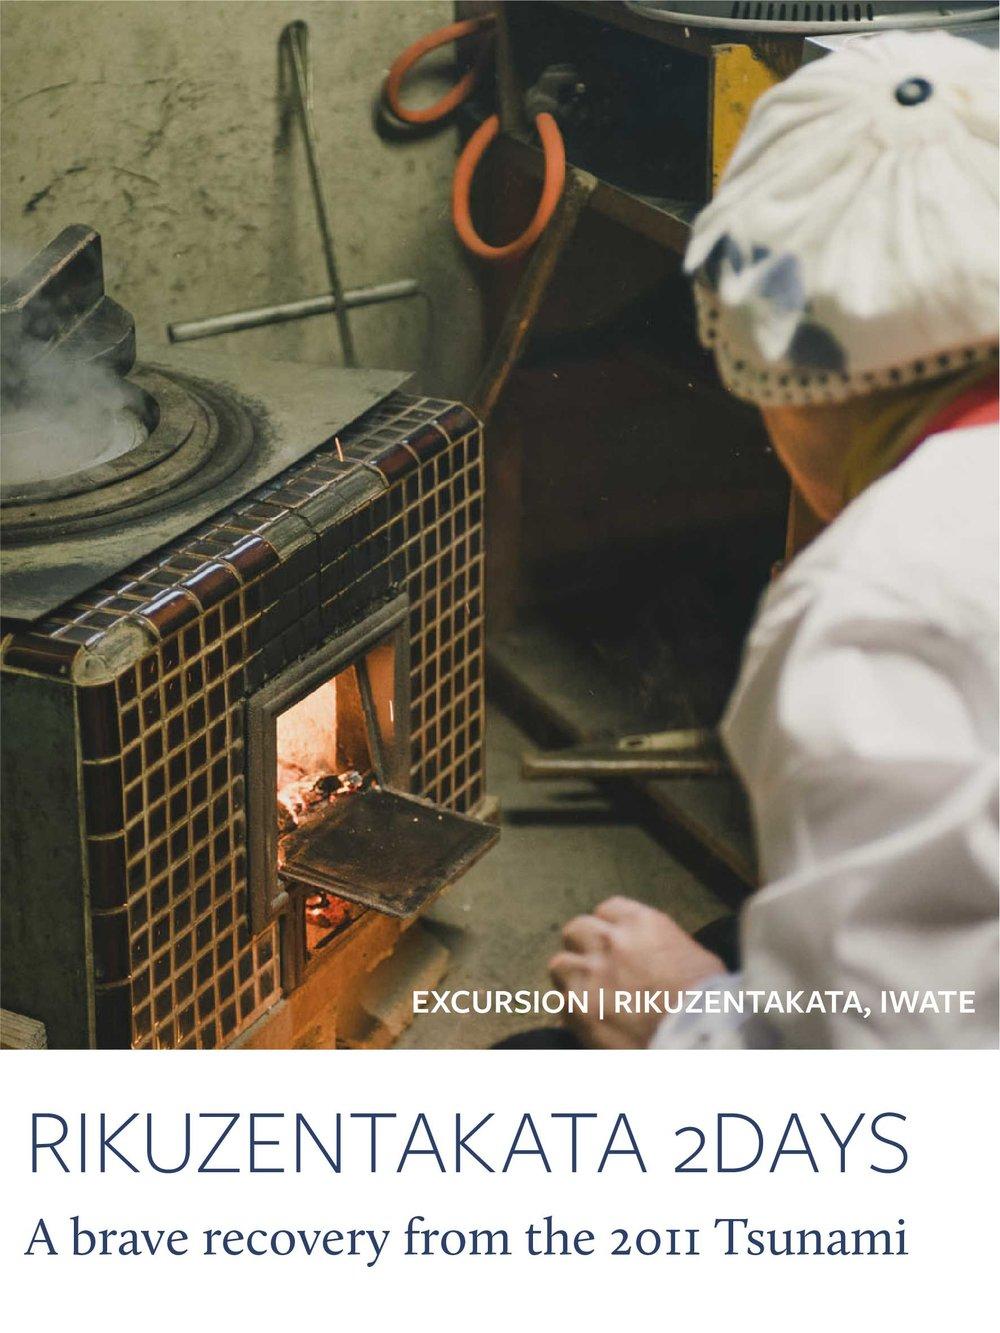 profile_iwate_japanese_excursion_rikuzentakata_1n2d.jpg